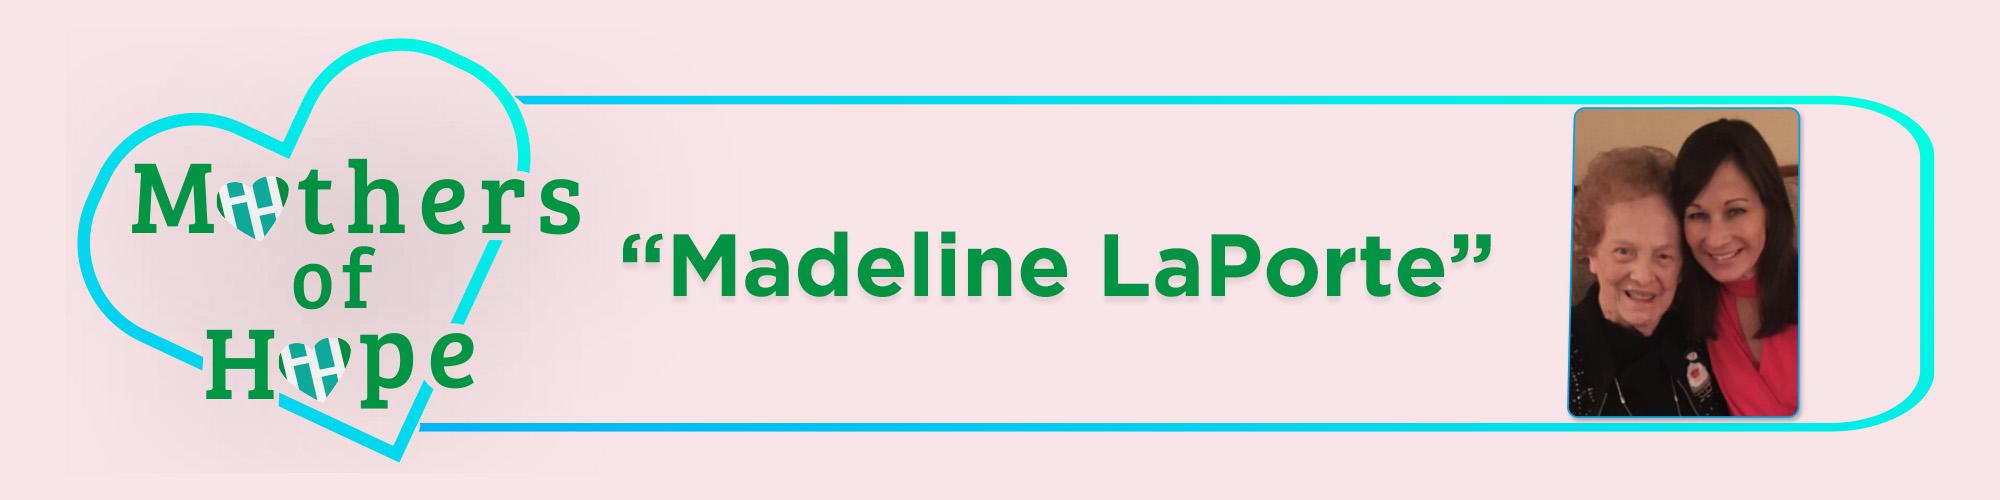 Madeline-LaPorte